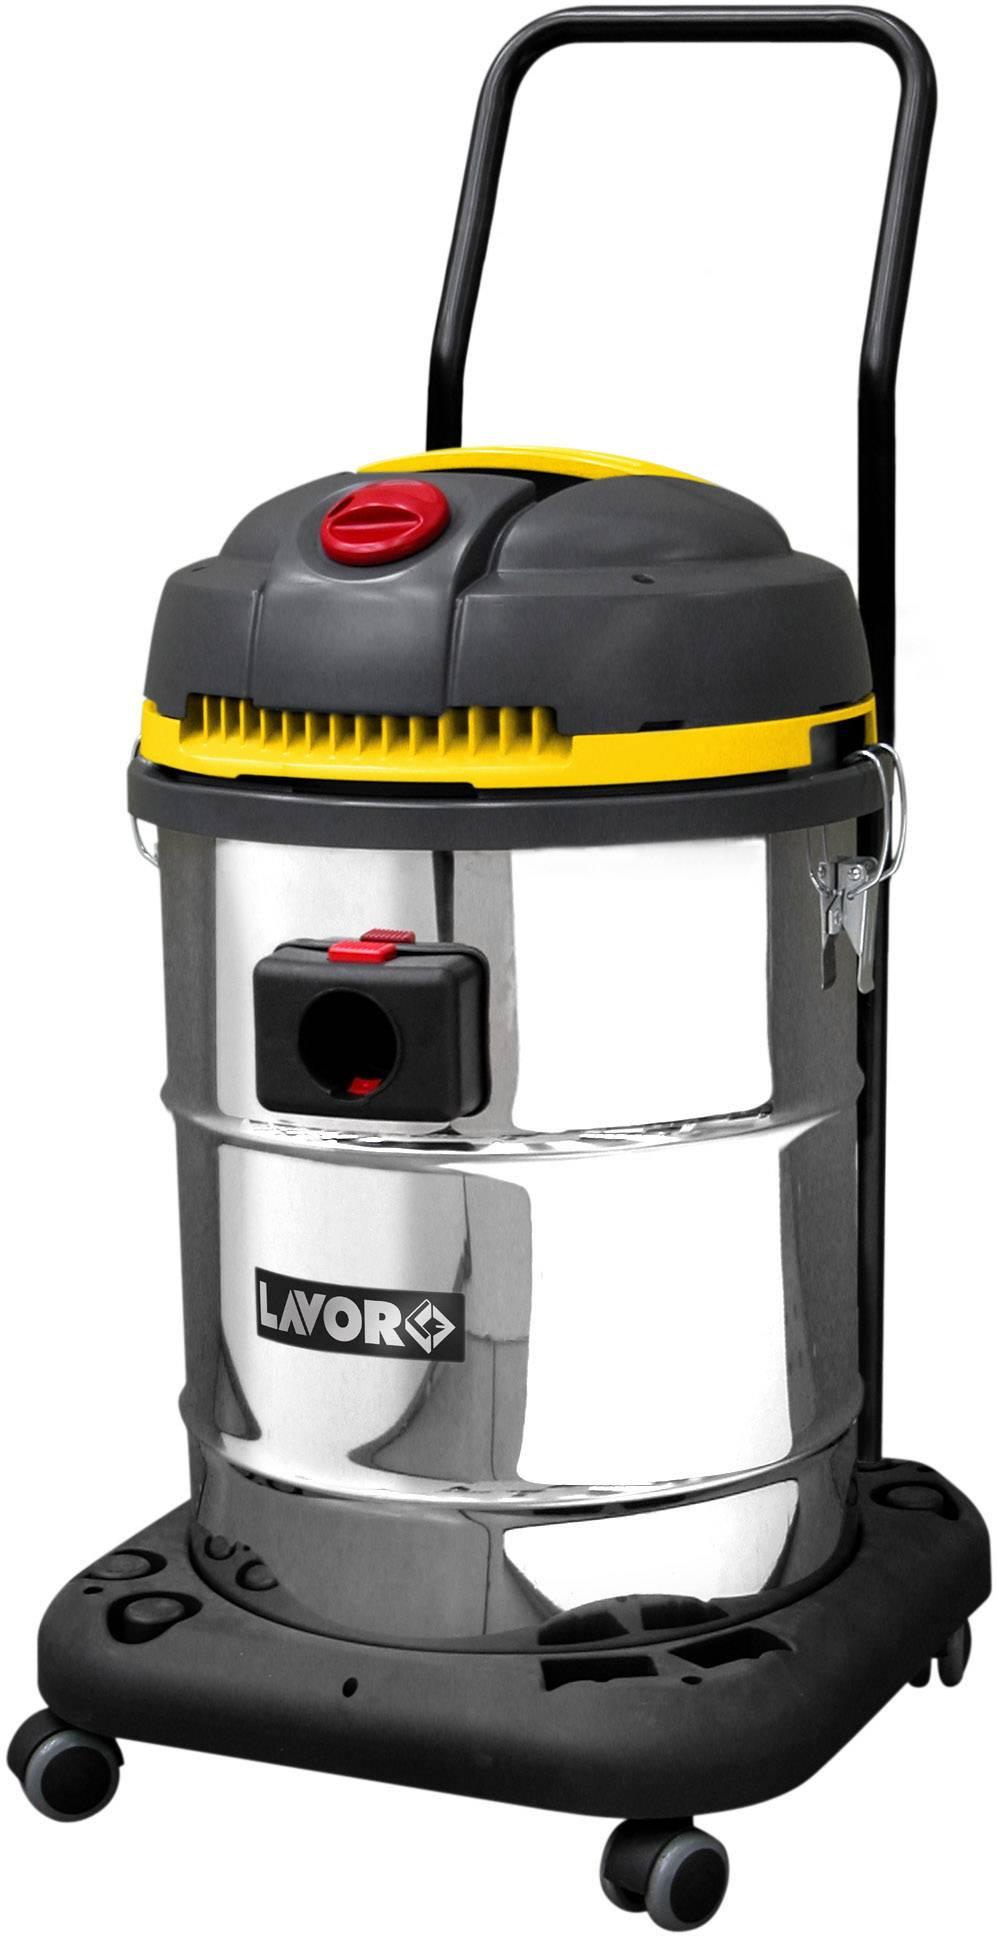 Mokrý / suchý vysávač Lavor WD 255 XE 8.239.0006, 1400 W, 55 l